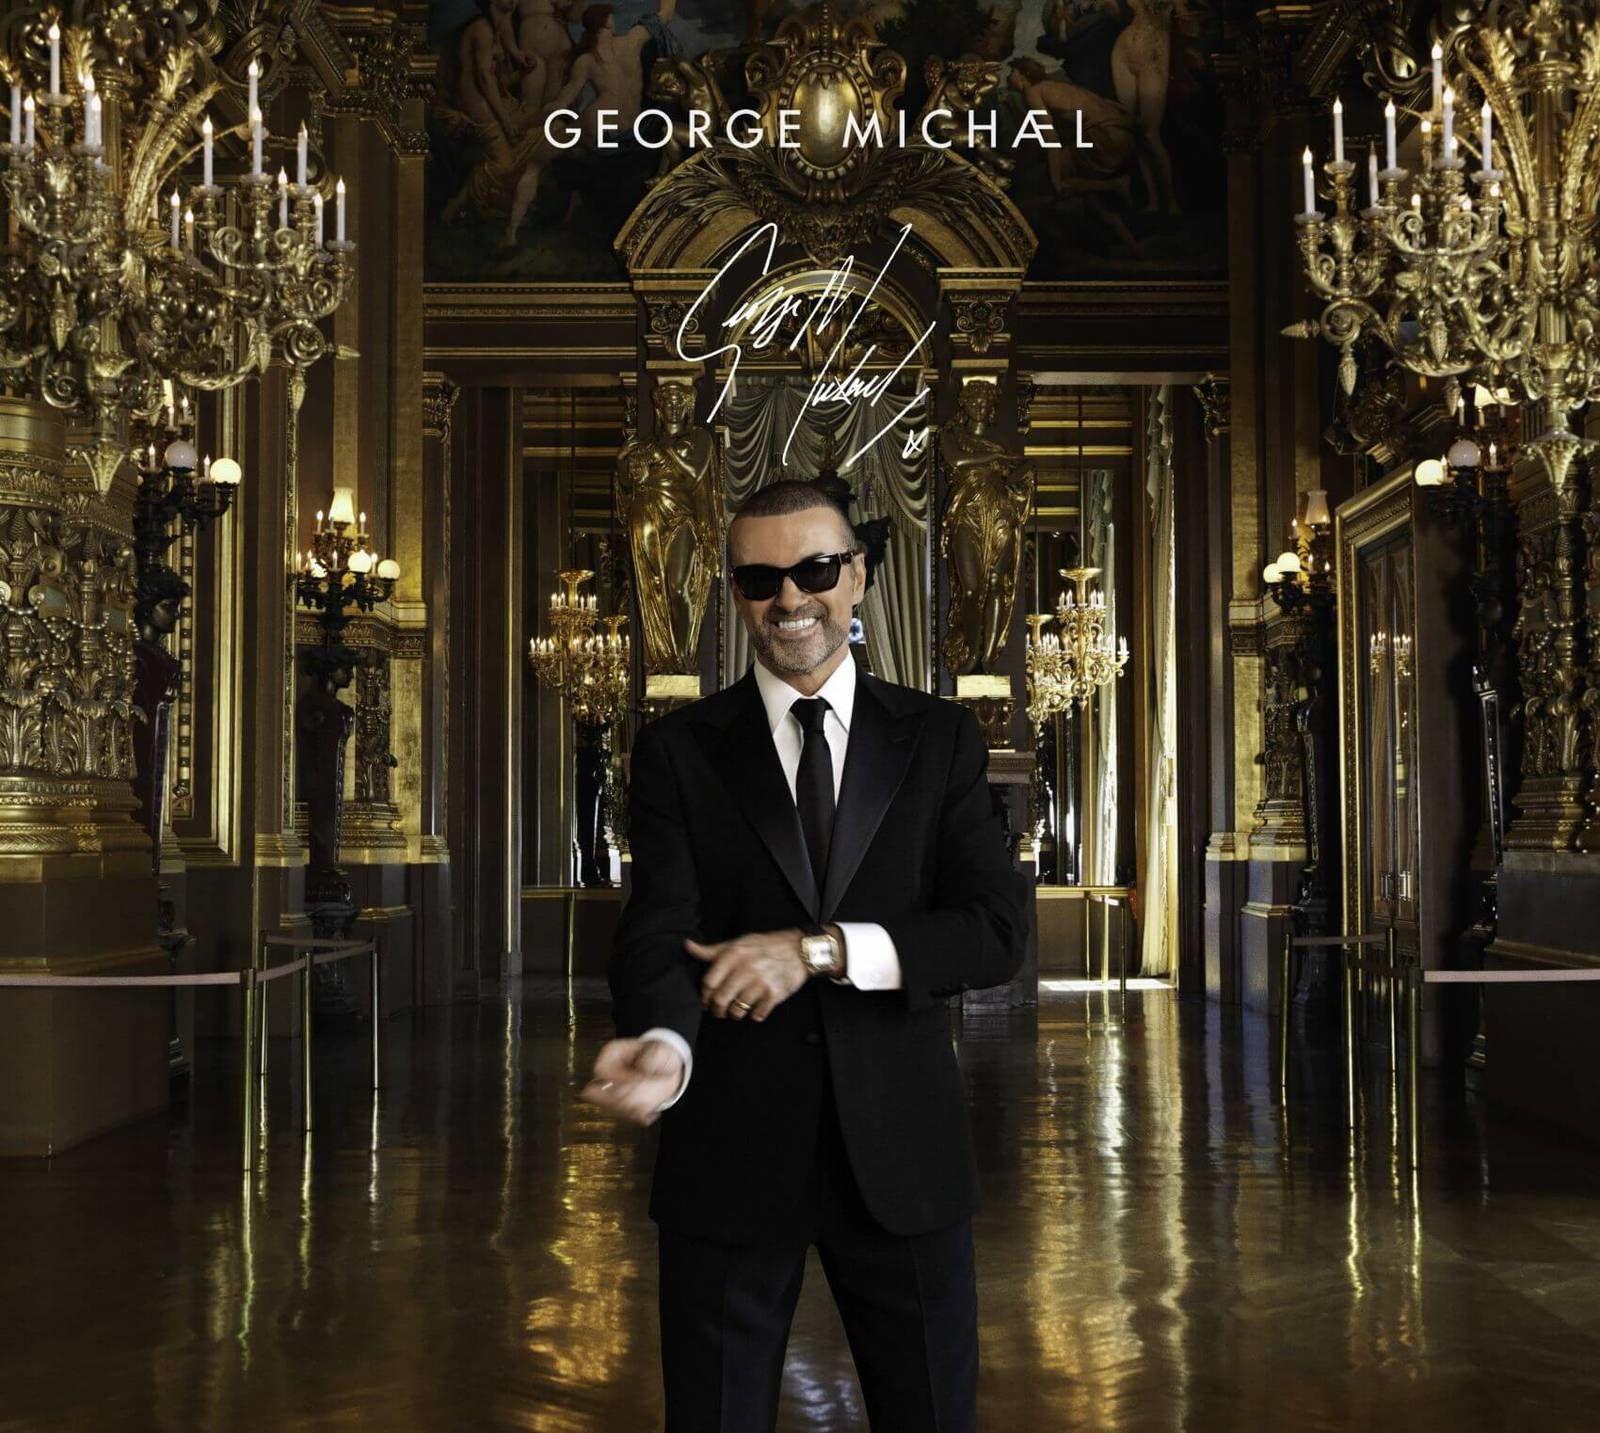 George Michael Wallpaper Gallery !!